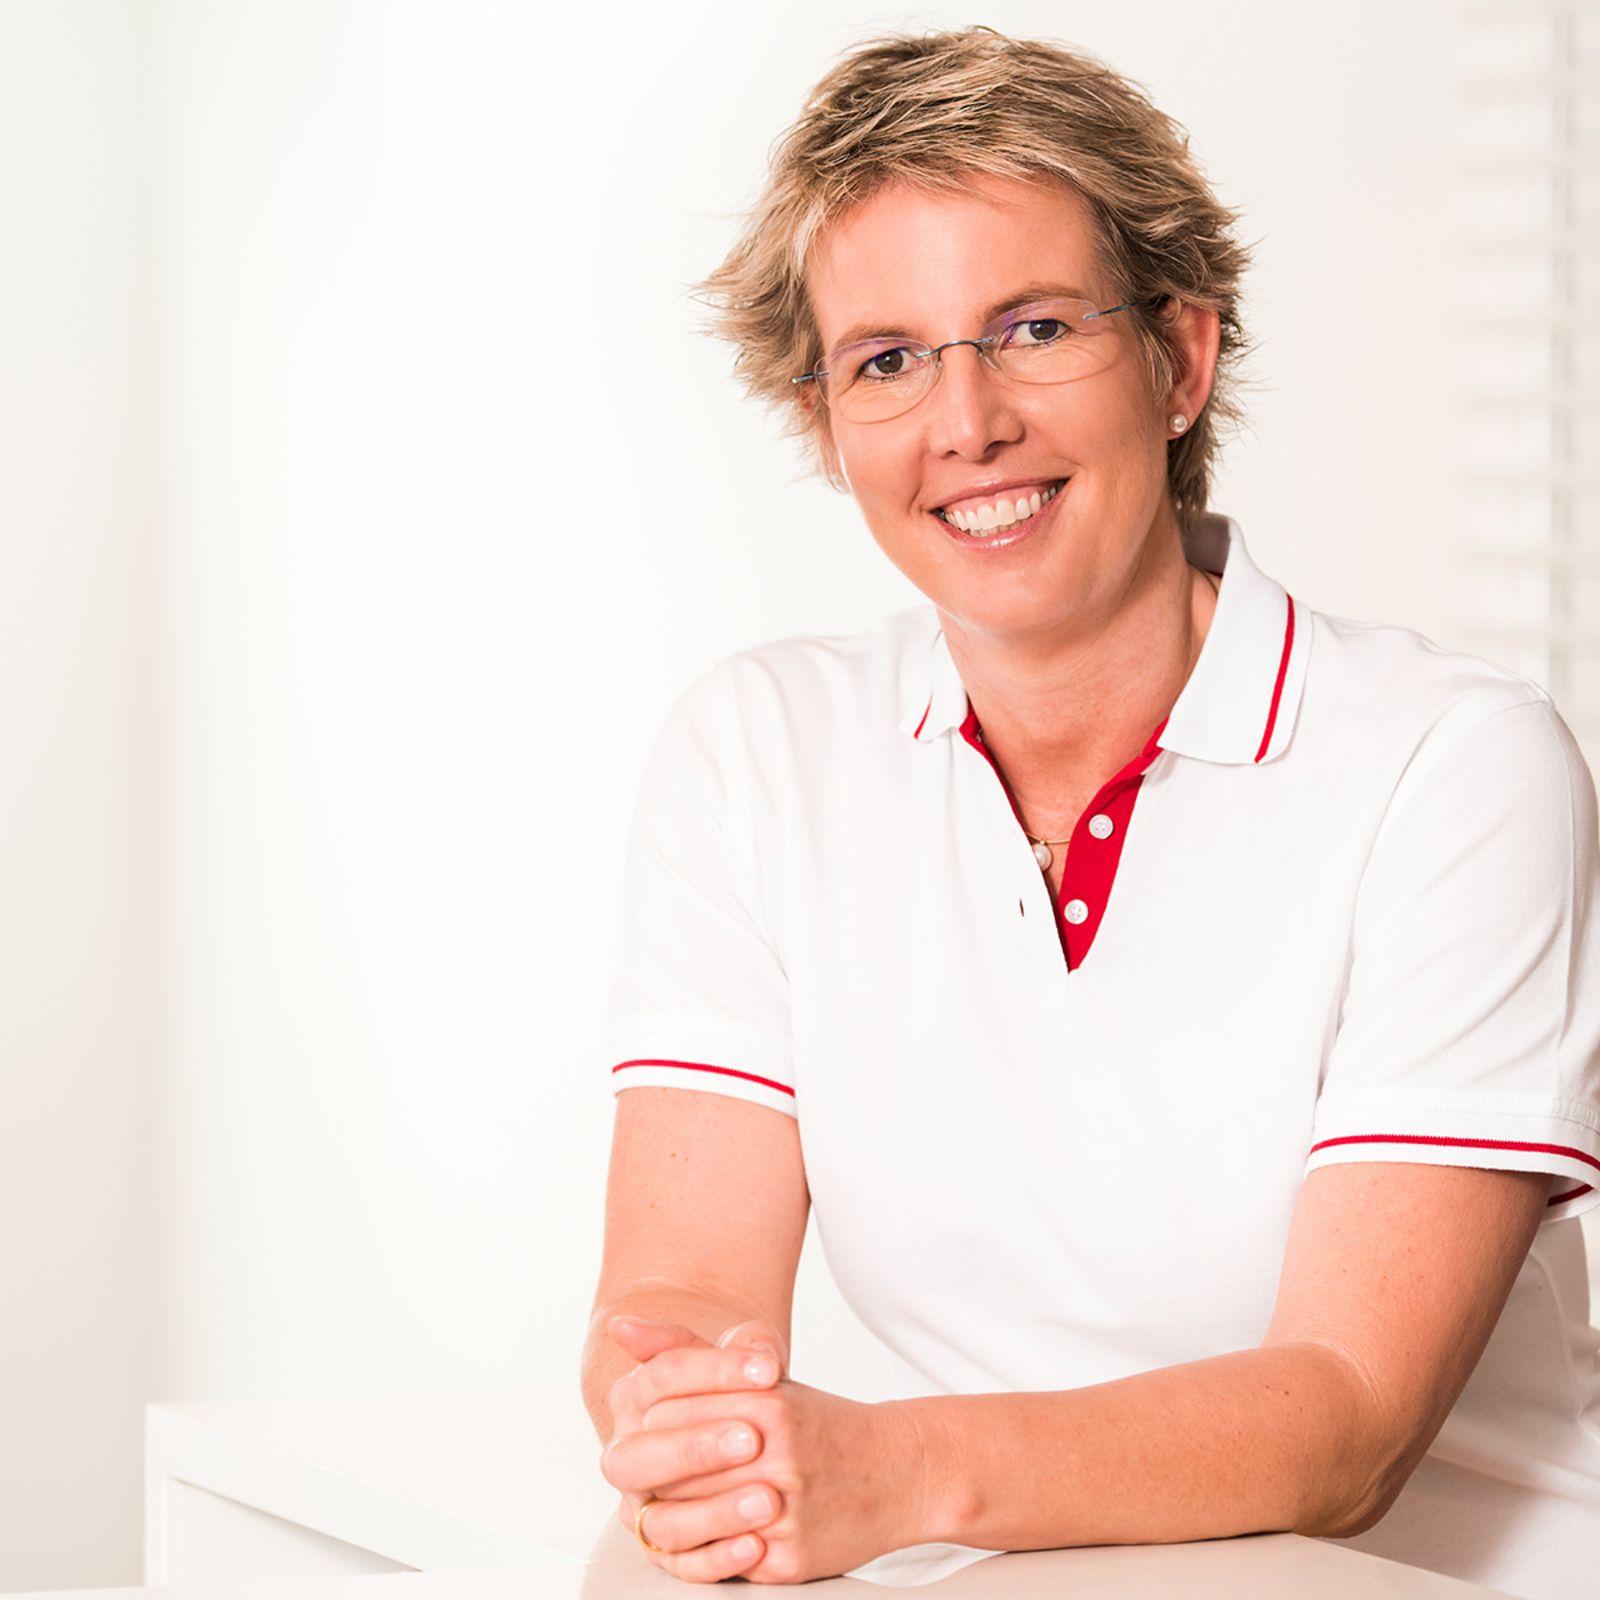 Dr. Carola Wochnik